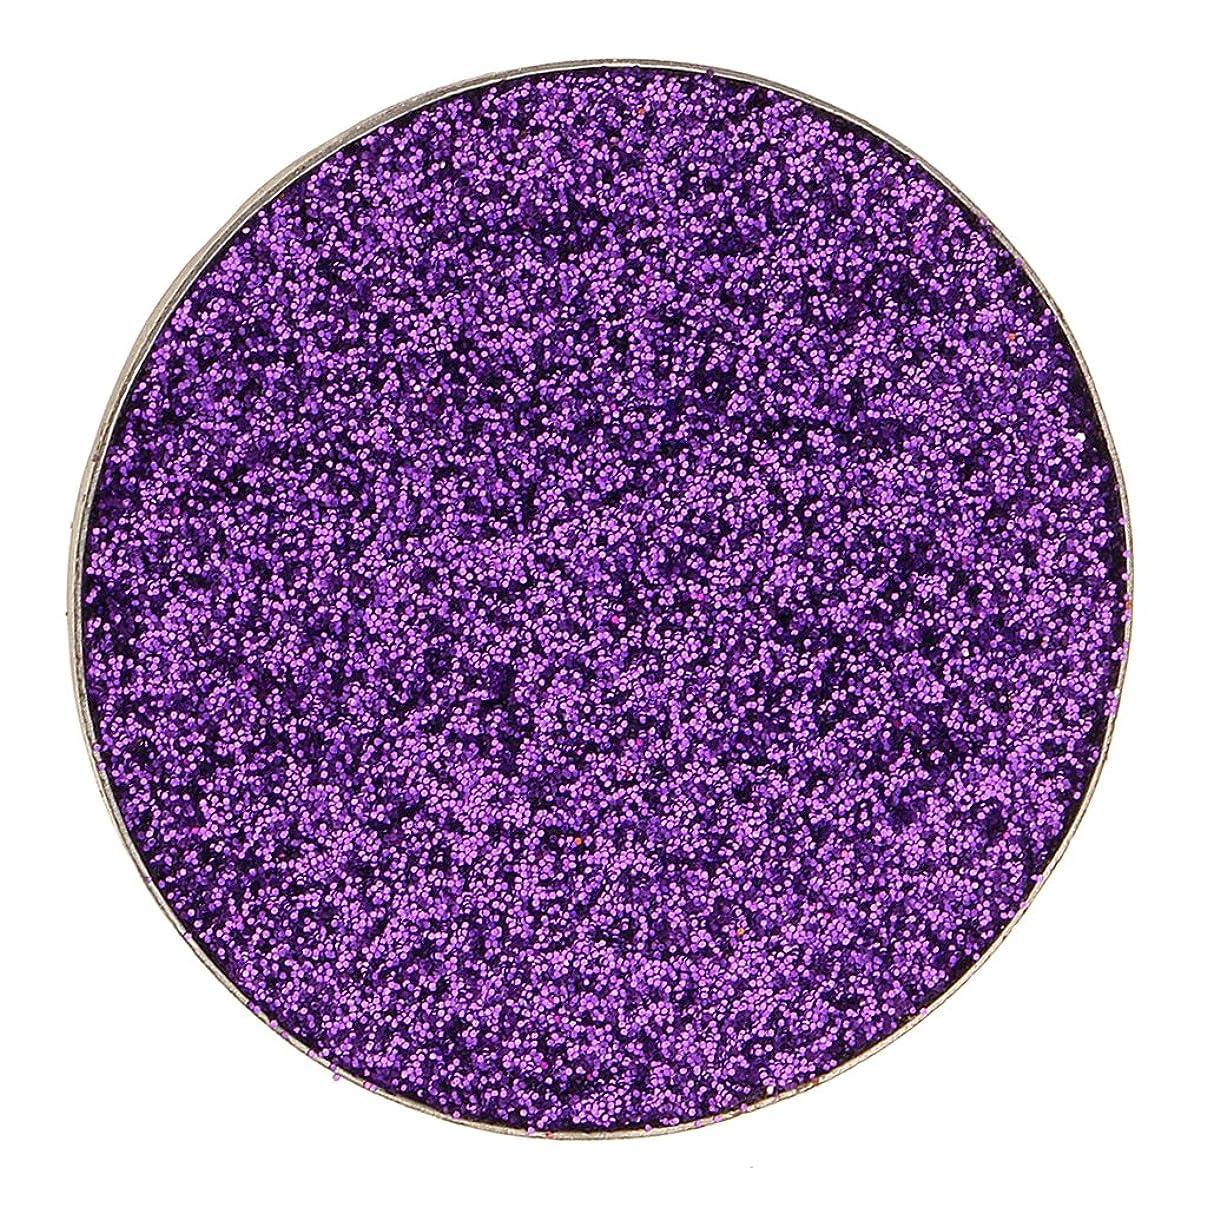 破裂反対した地味なPerfk ダイヤモンド キラキラ シマー メイクアップ アイシャドウ 顔料 目を引く魅力的 全5色 - 紫